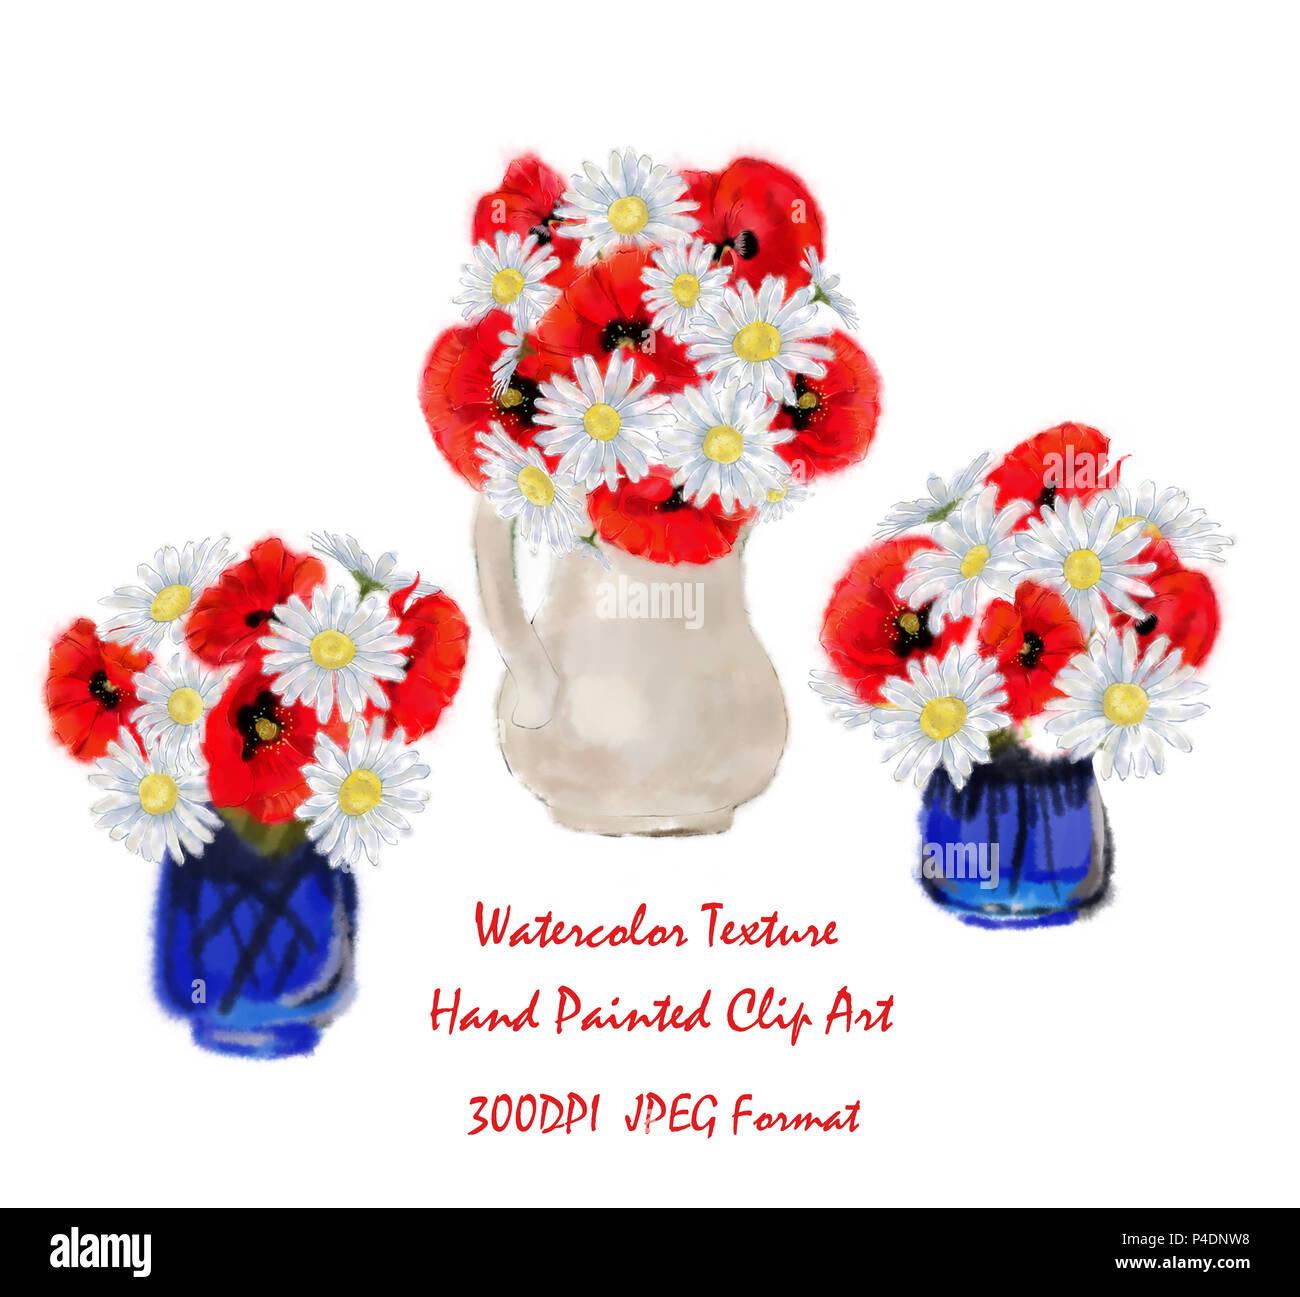 Set di tre fiori isolati su sfondo bianco. Tricolore Daisy e mazzi di fiori di papavero in blu e bianco vasi per Clip Art, biglietti, poster. Immagini Stock